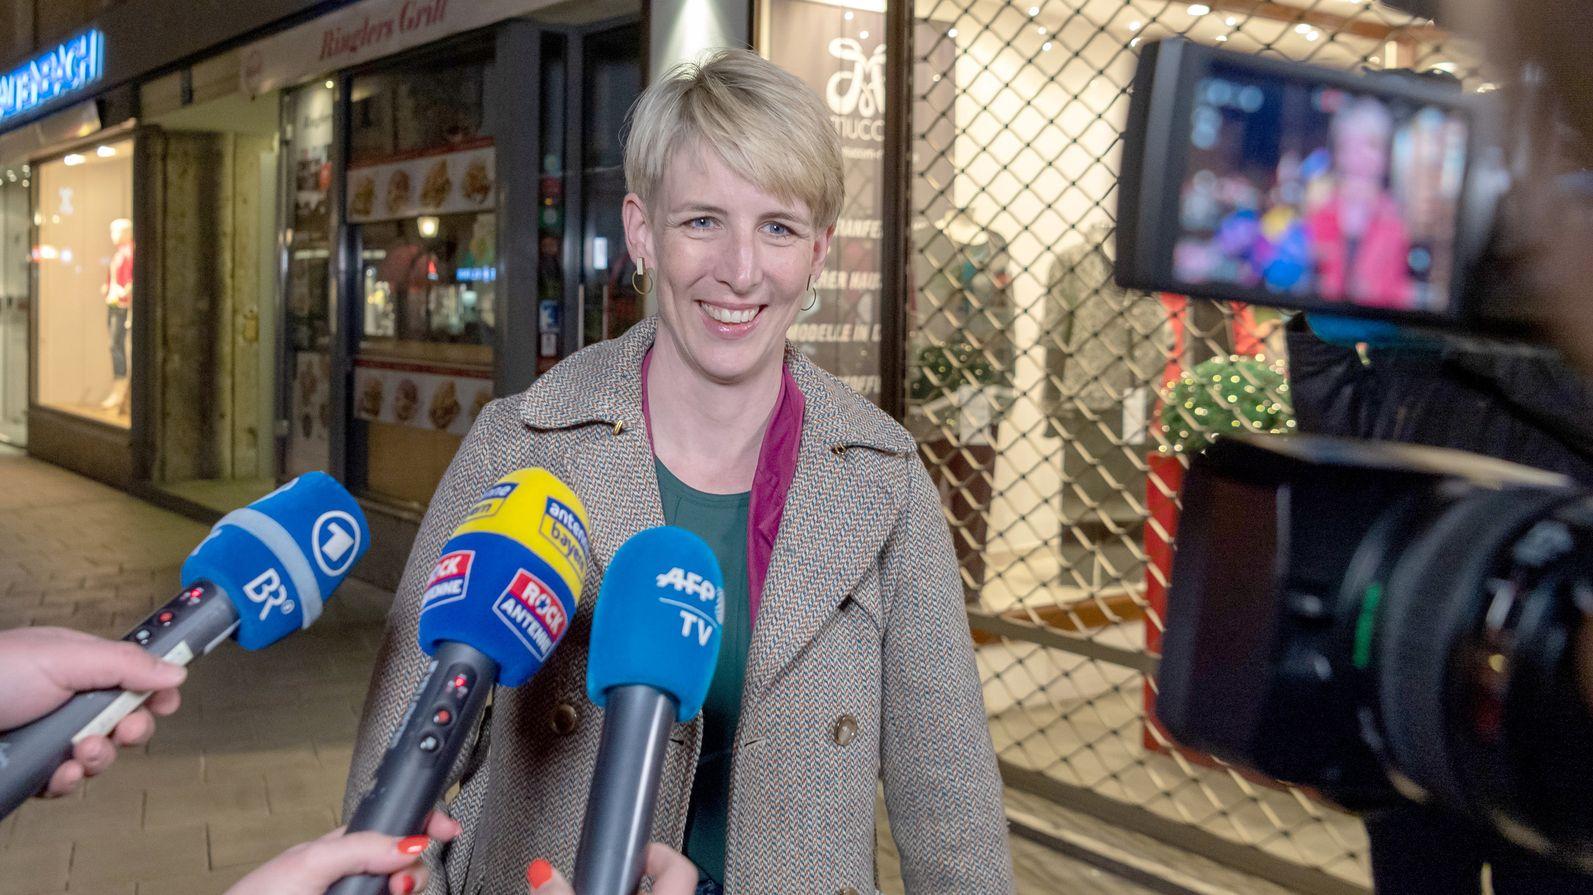 Katrin Habenschaden, Oberbürgermeisterkandidatin der Grünen, gibt ein Statement zur bayerischen Kommunalwahl.